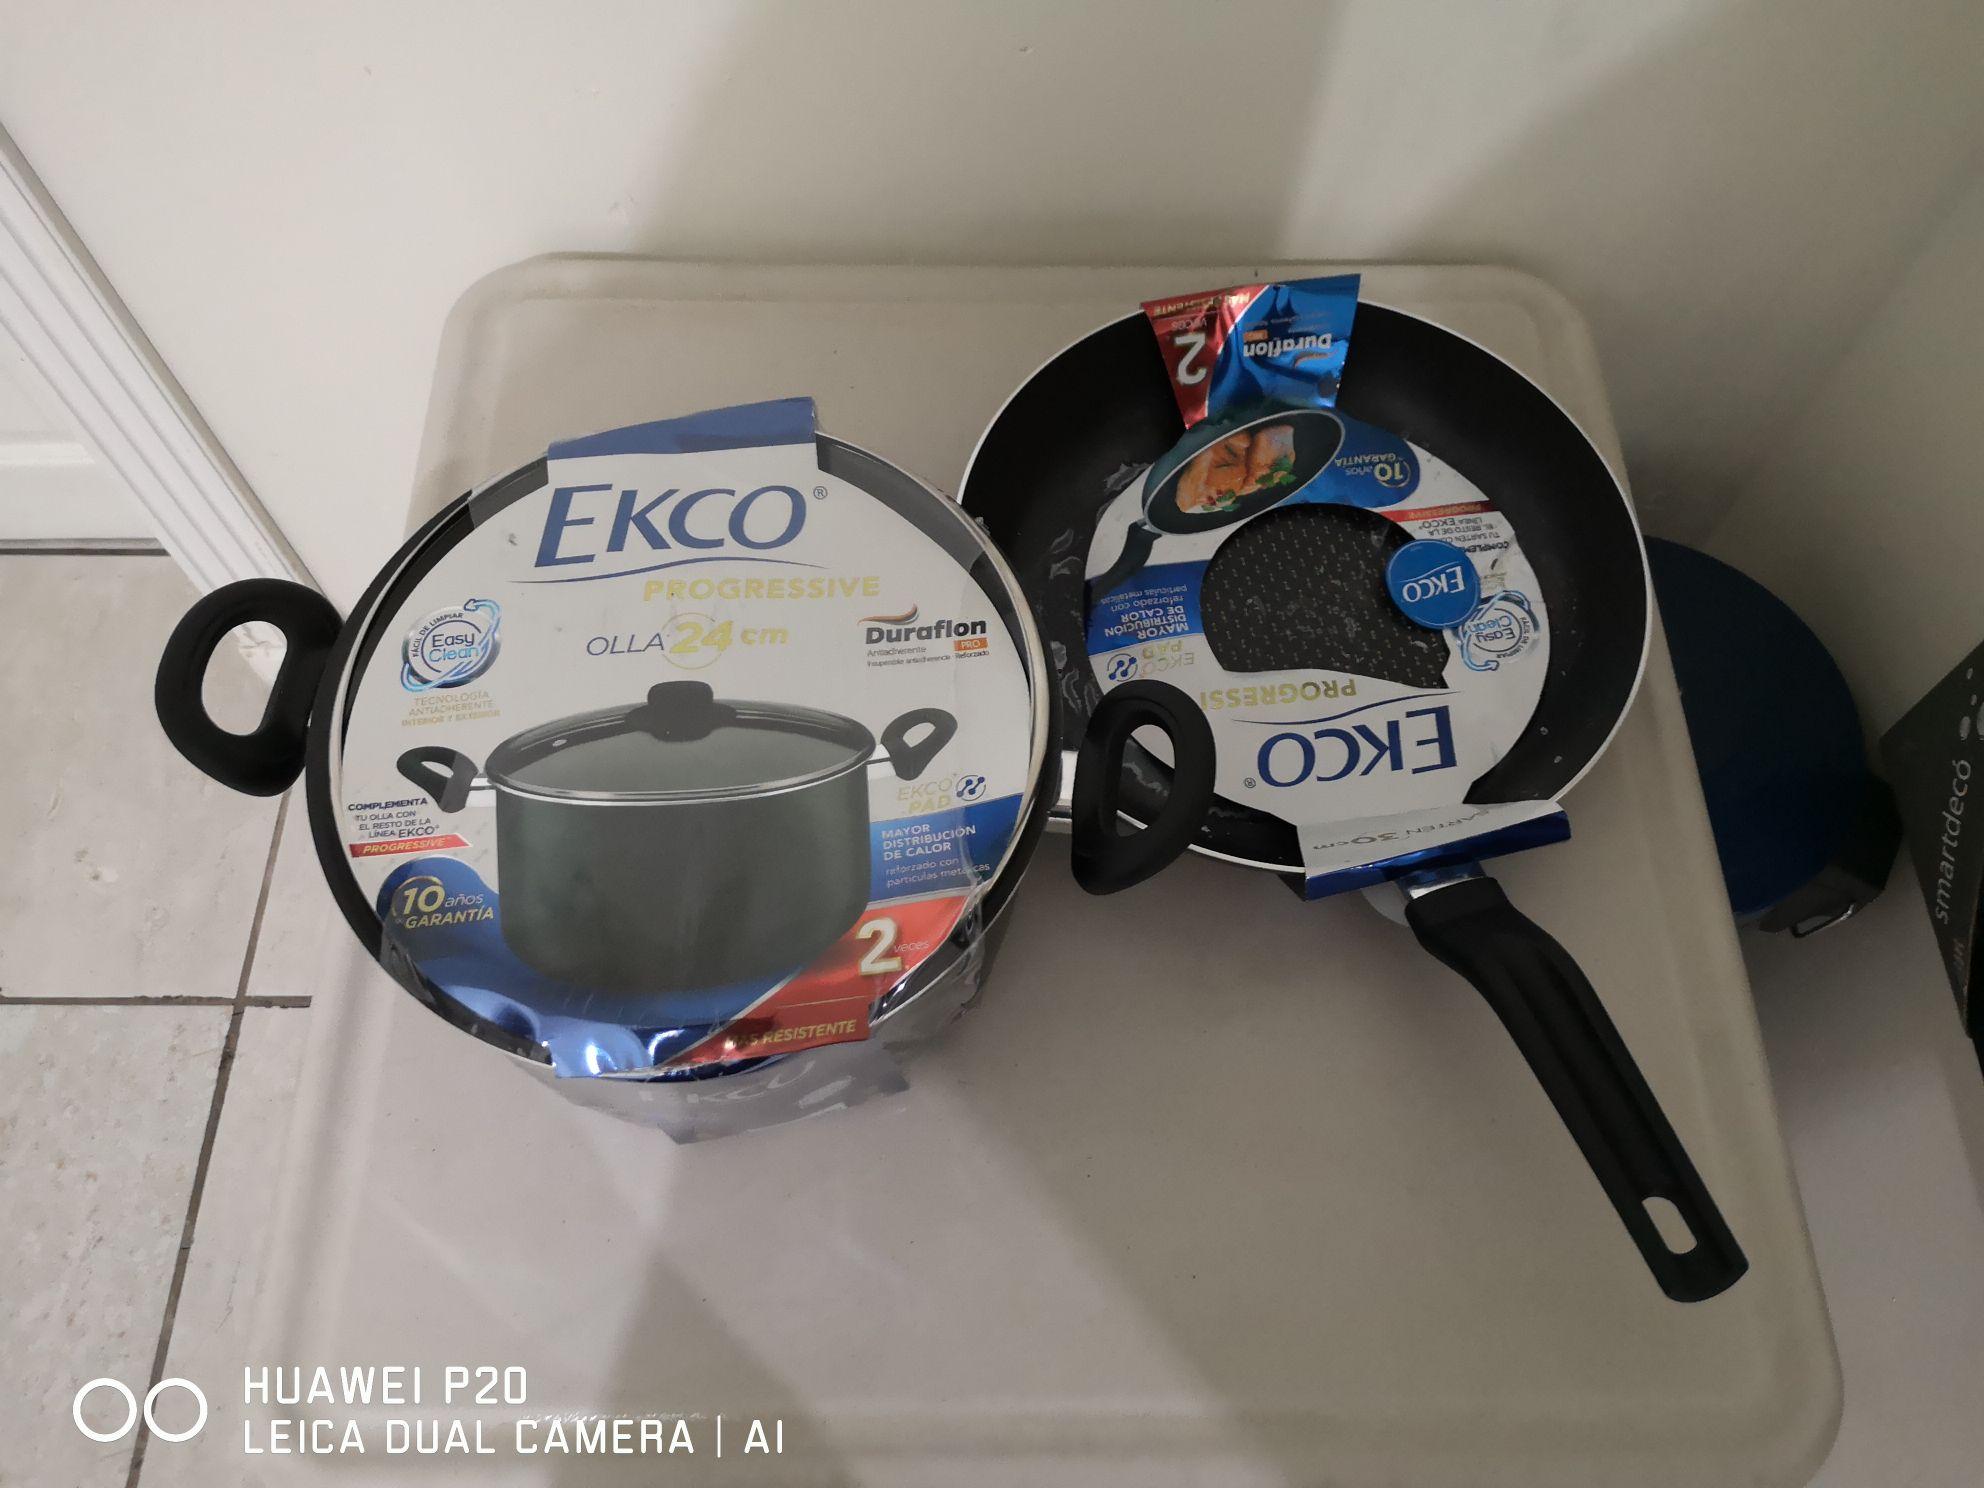 Walmart: Olla Ekco Progressive en $90.01 y más.